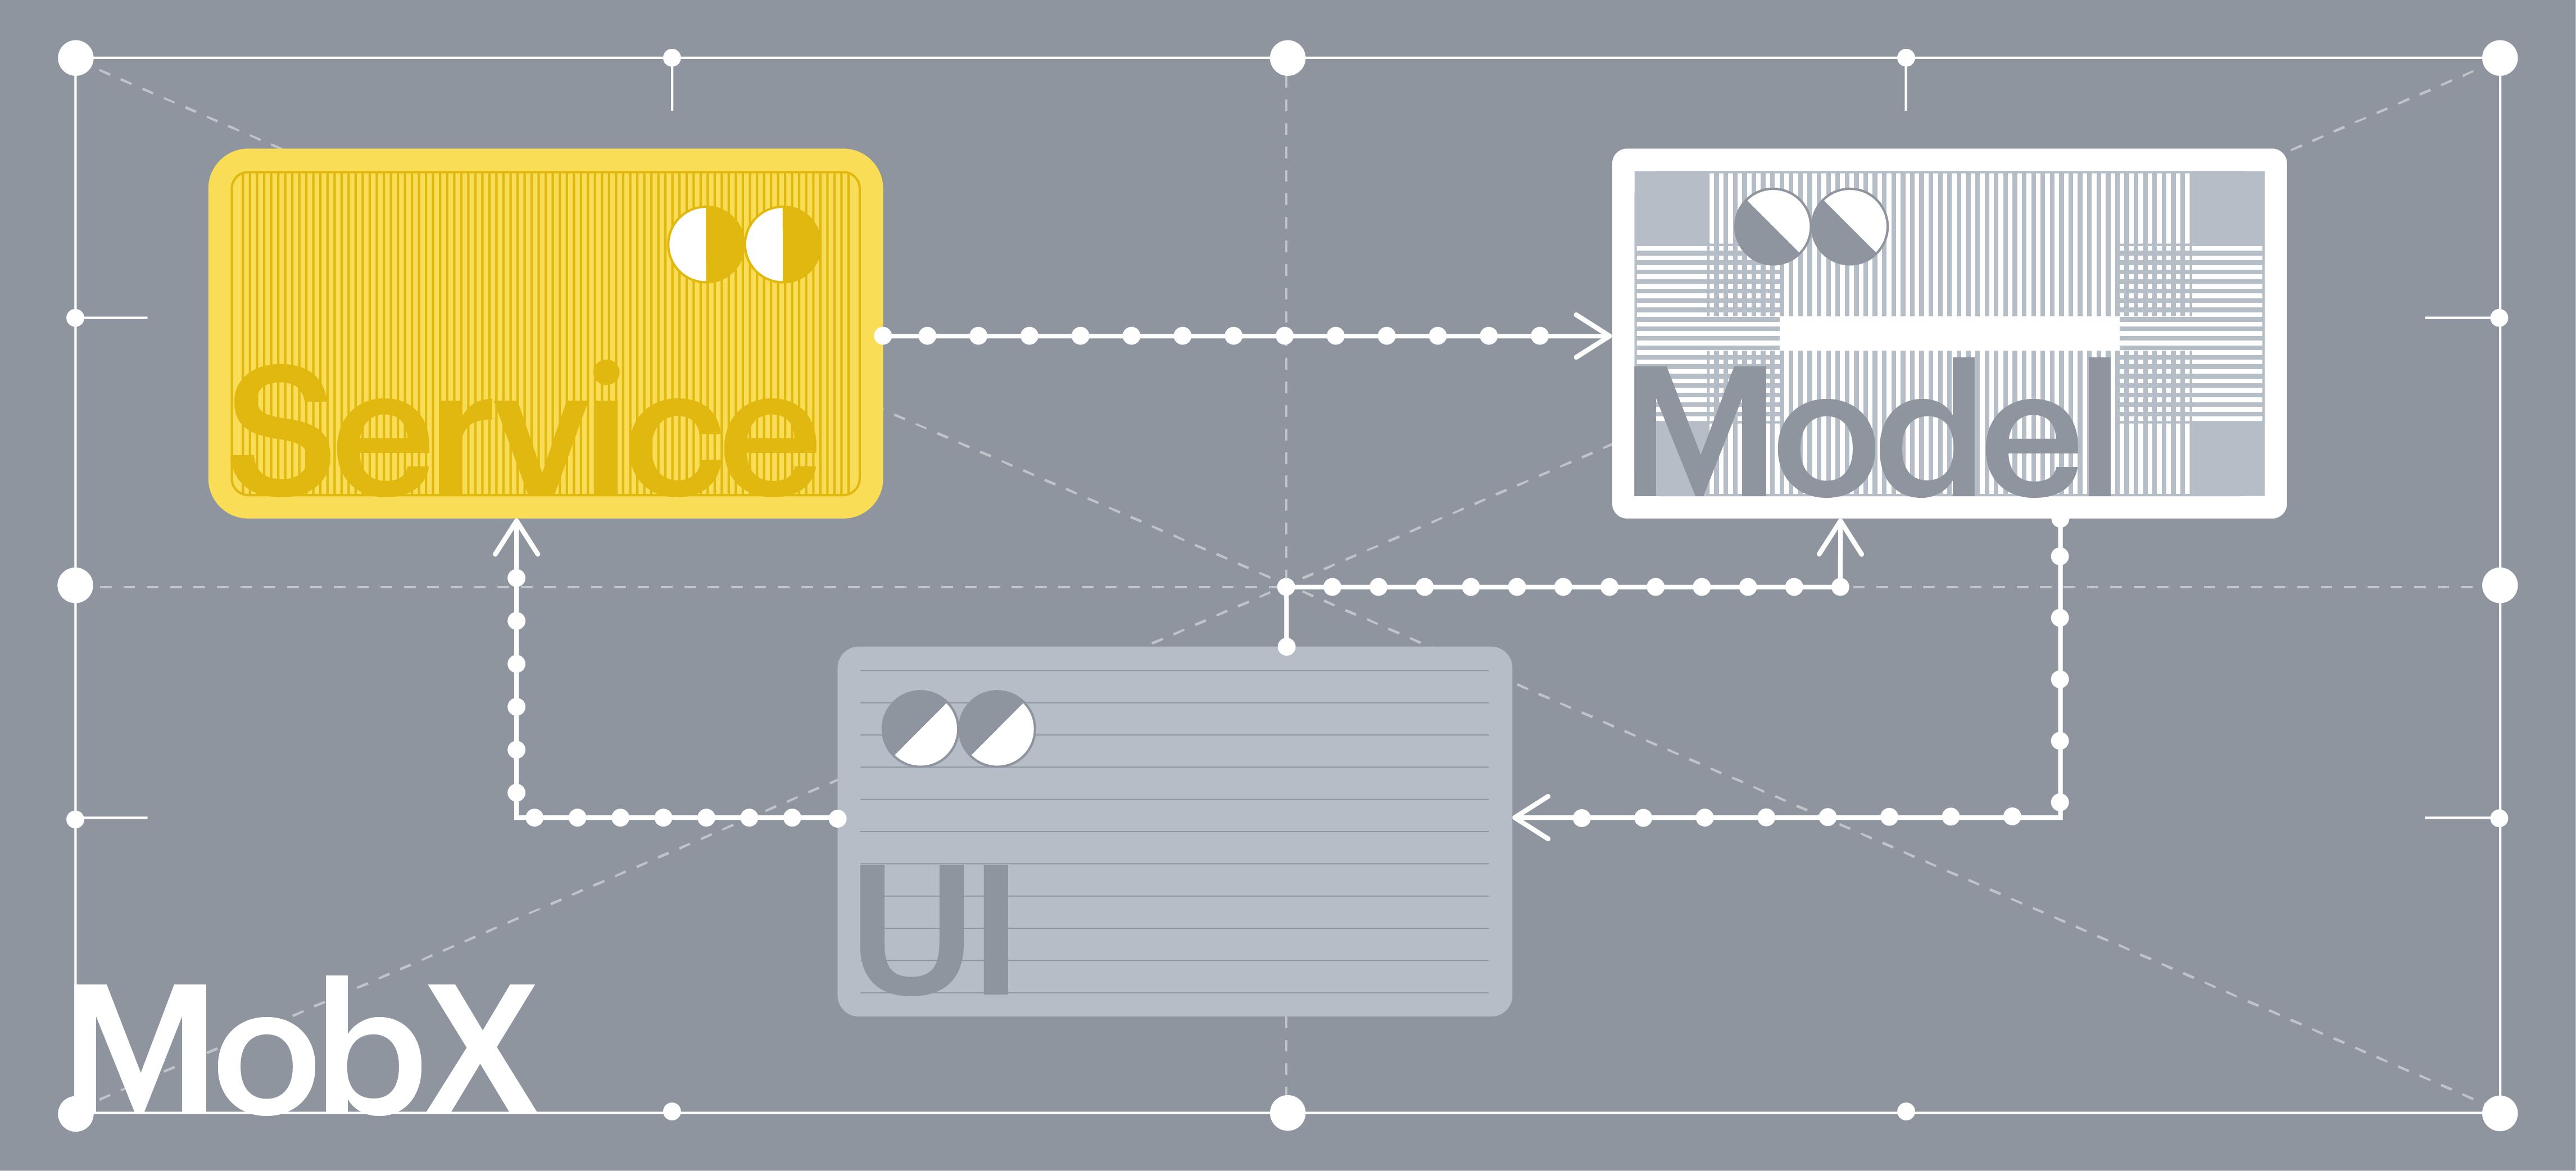 Опыт использования MobX в большом приложении - 1